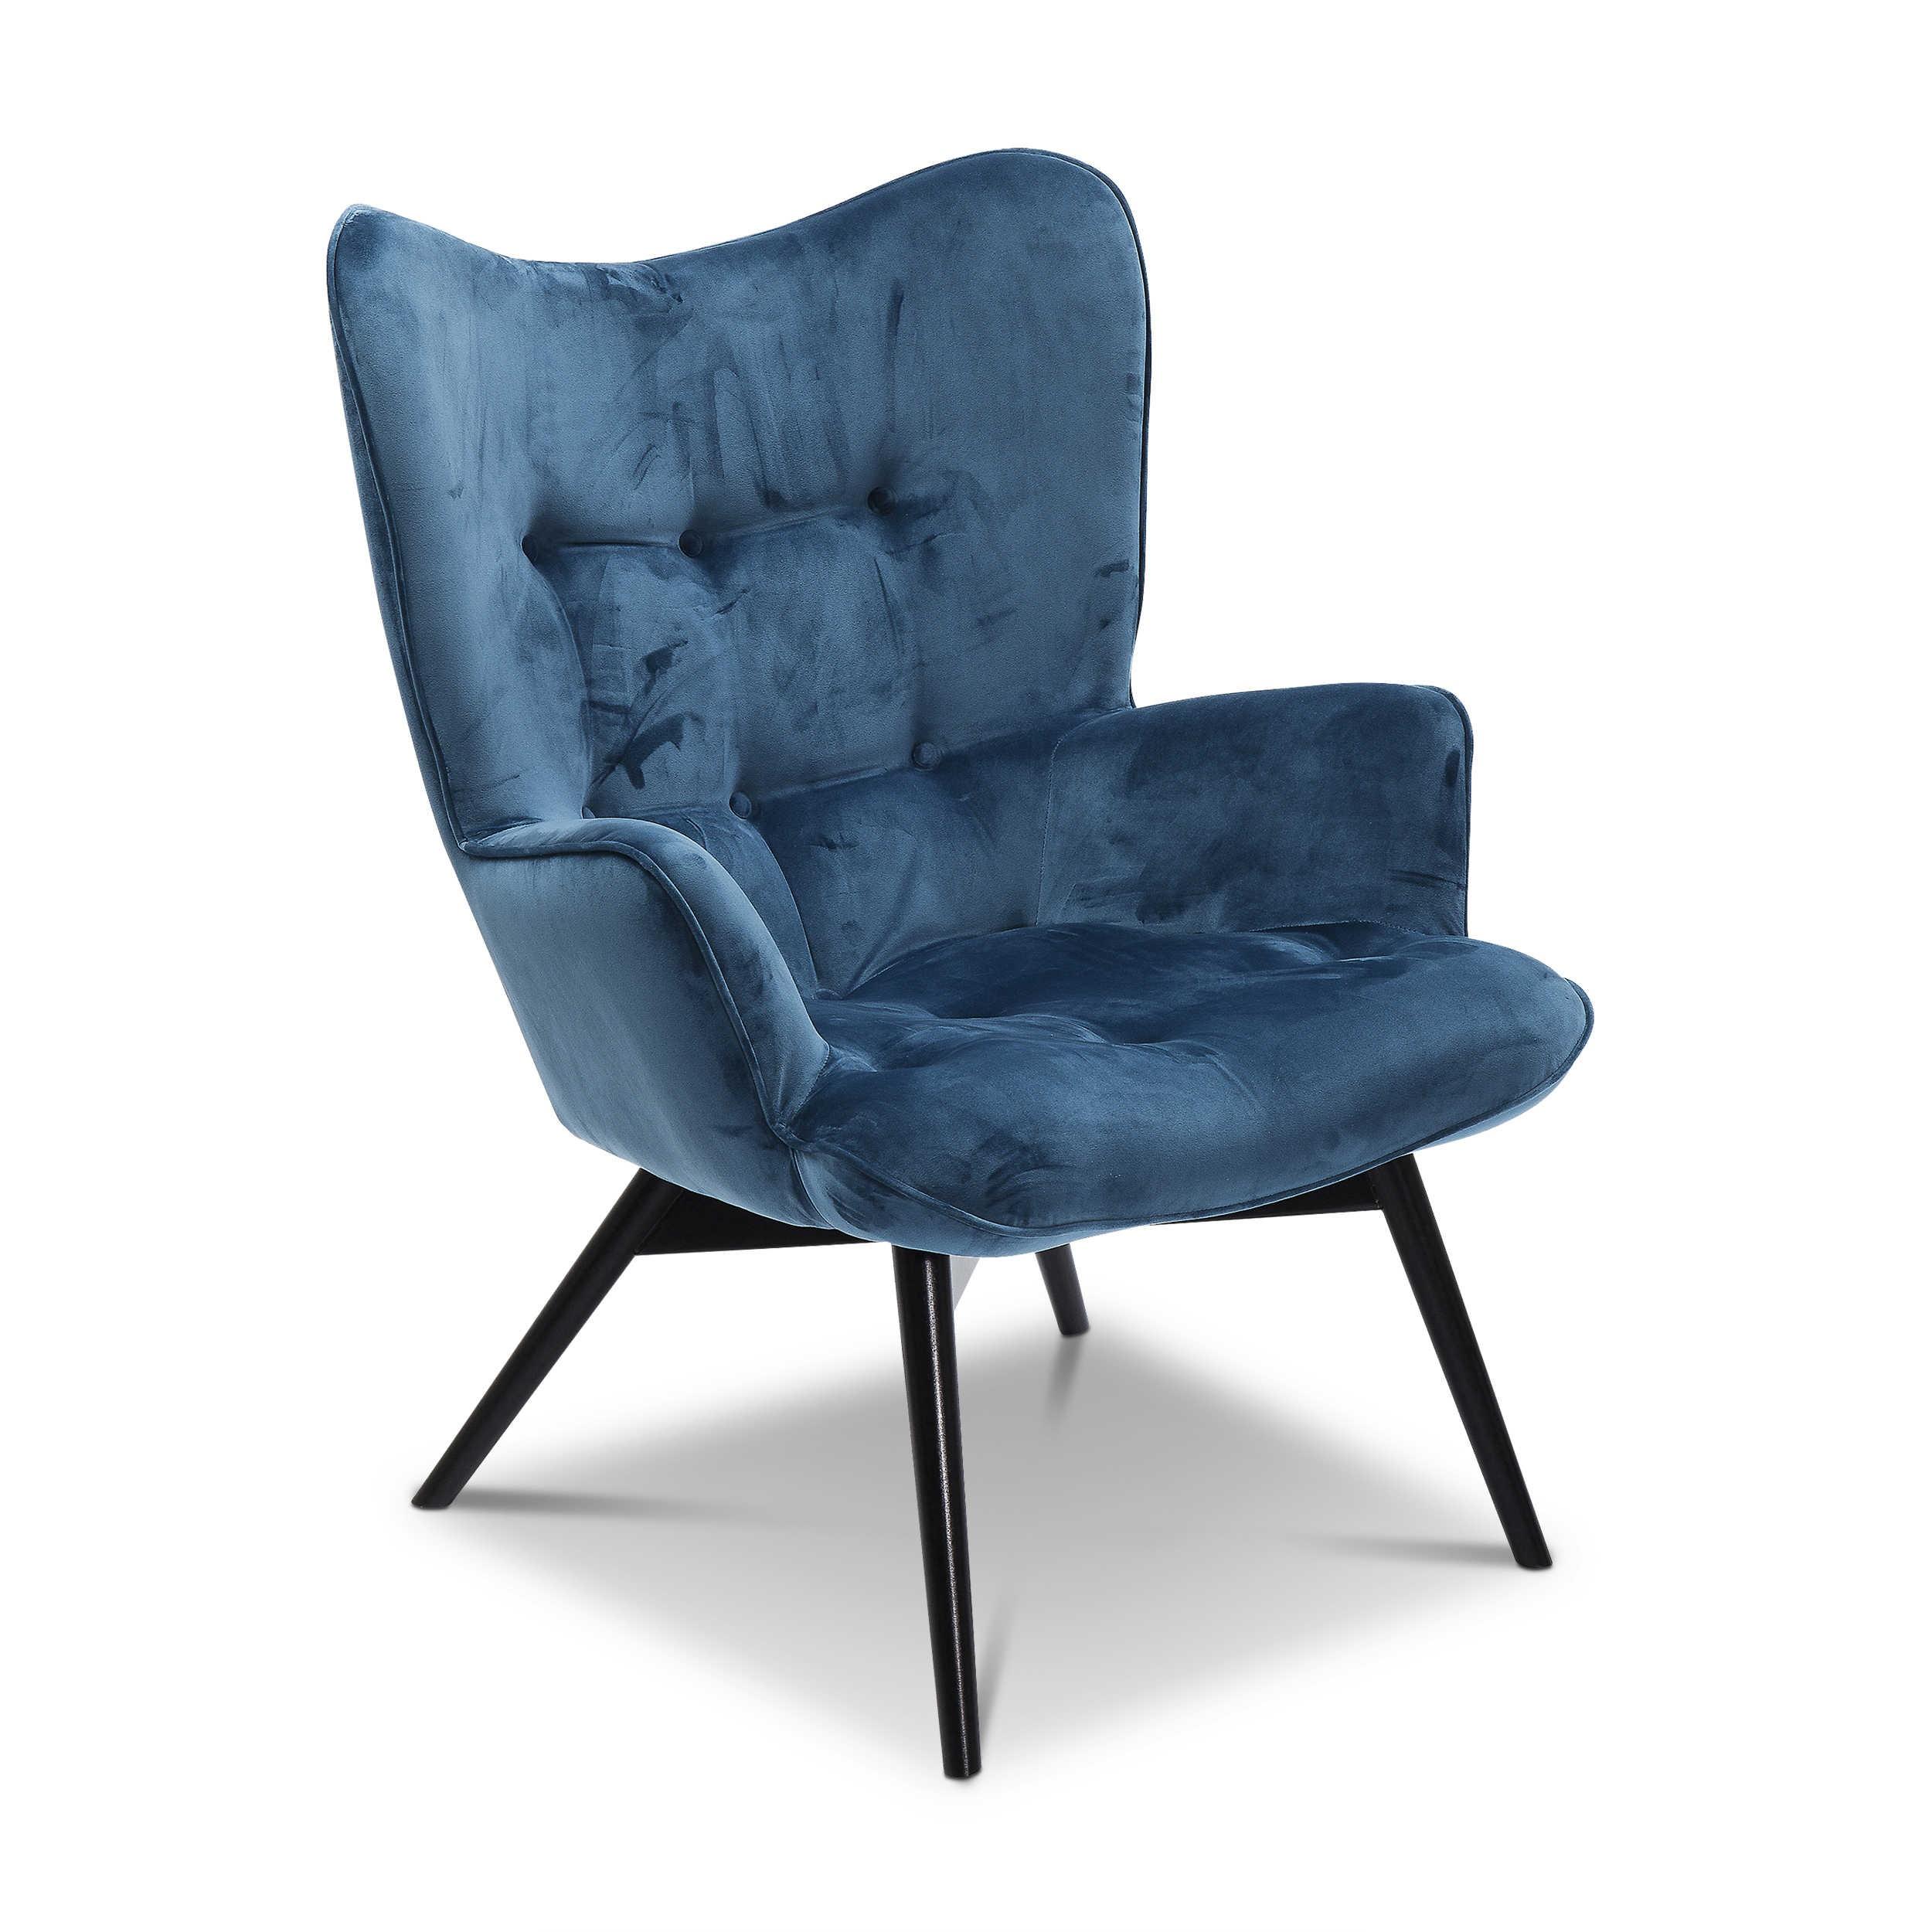 KARE Sessel Vicky Blau Stoff online kaufen bei WOONIO